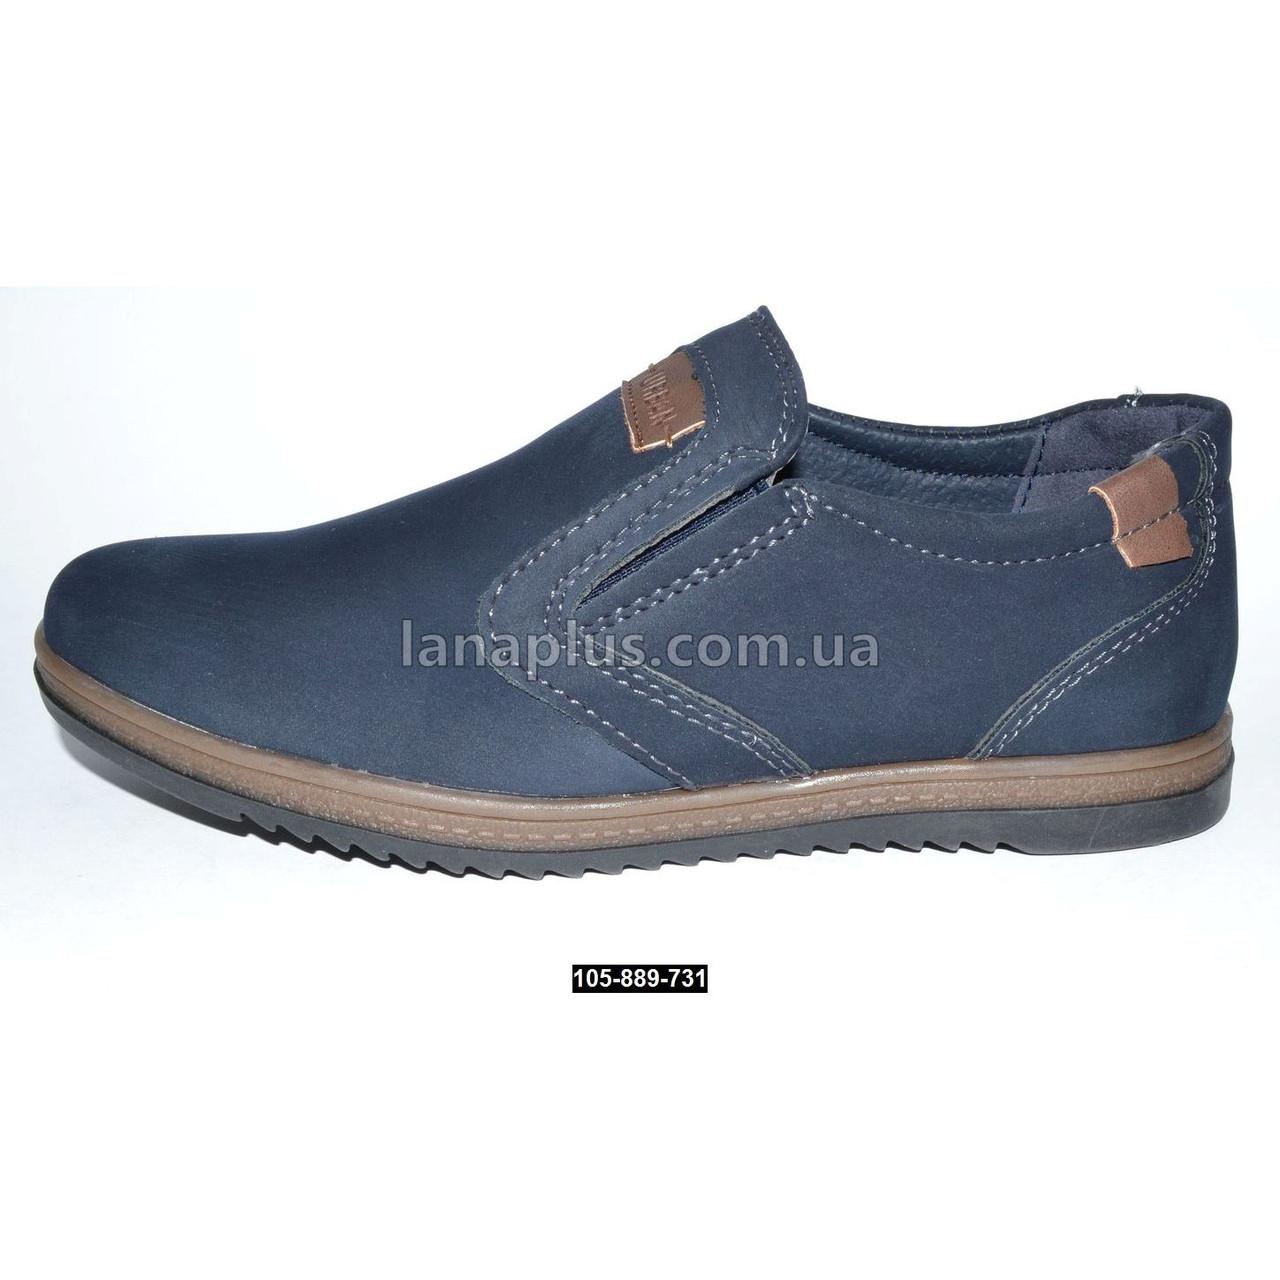 Туфли для мальчика 27-29 размер, супинатор, 105-889-731